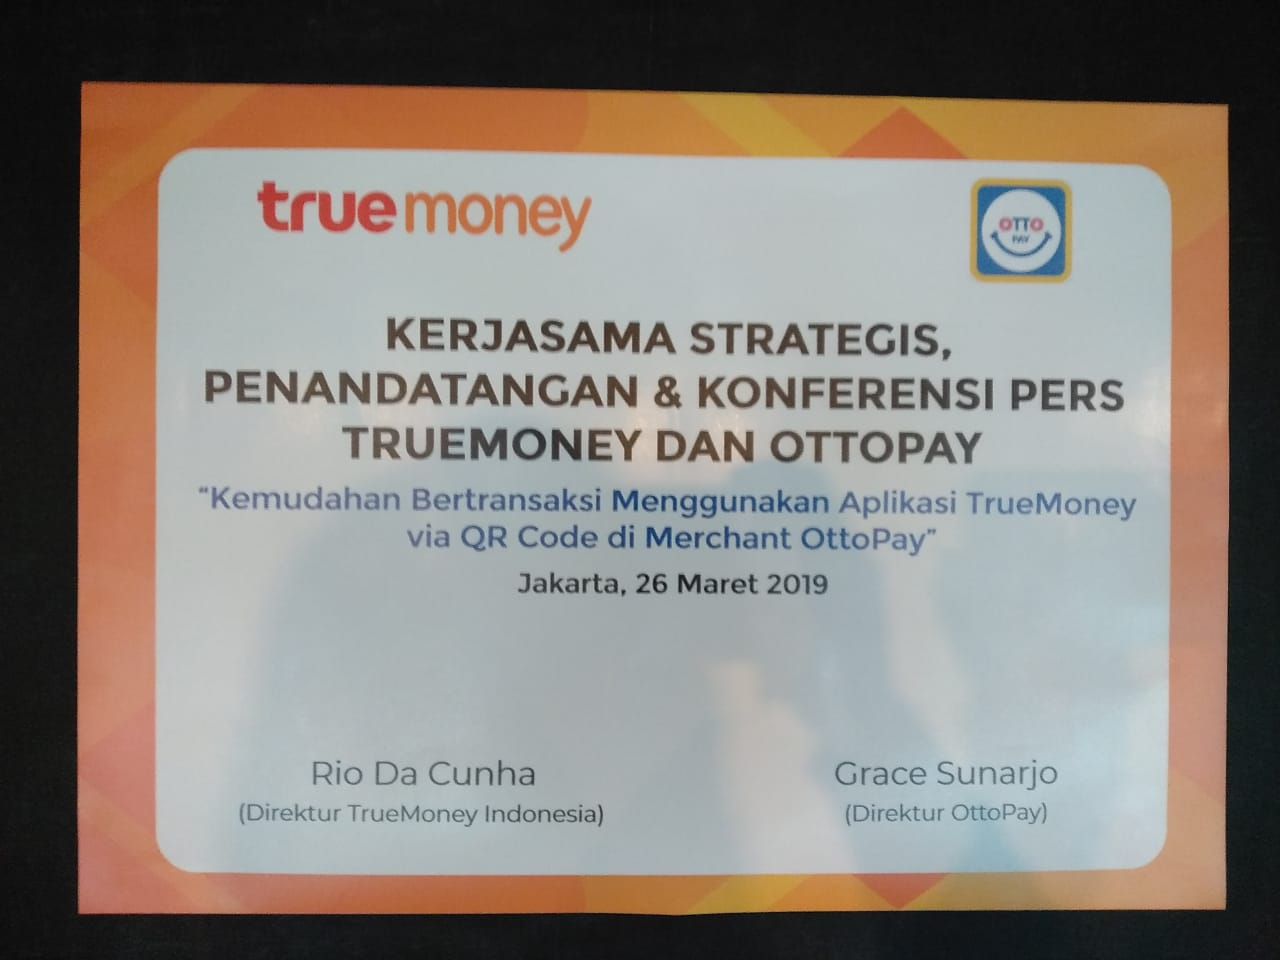 Aplikasi TrueMoney transaksi menggunakan QR Code di Merchant OttoPay.